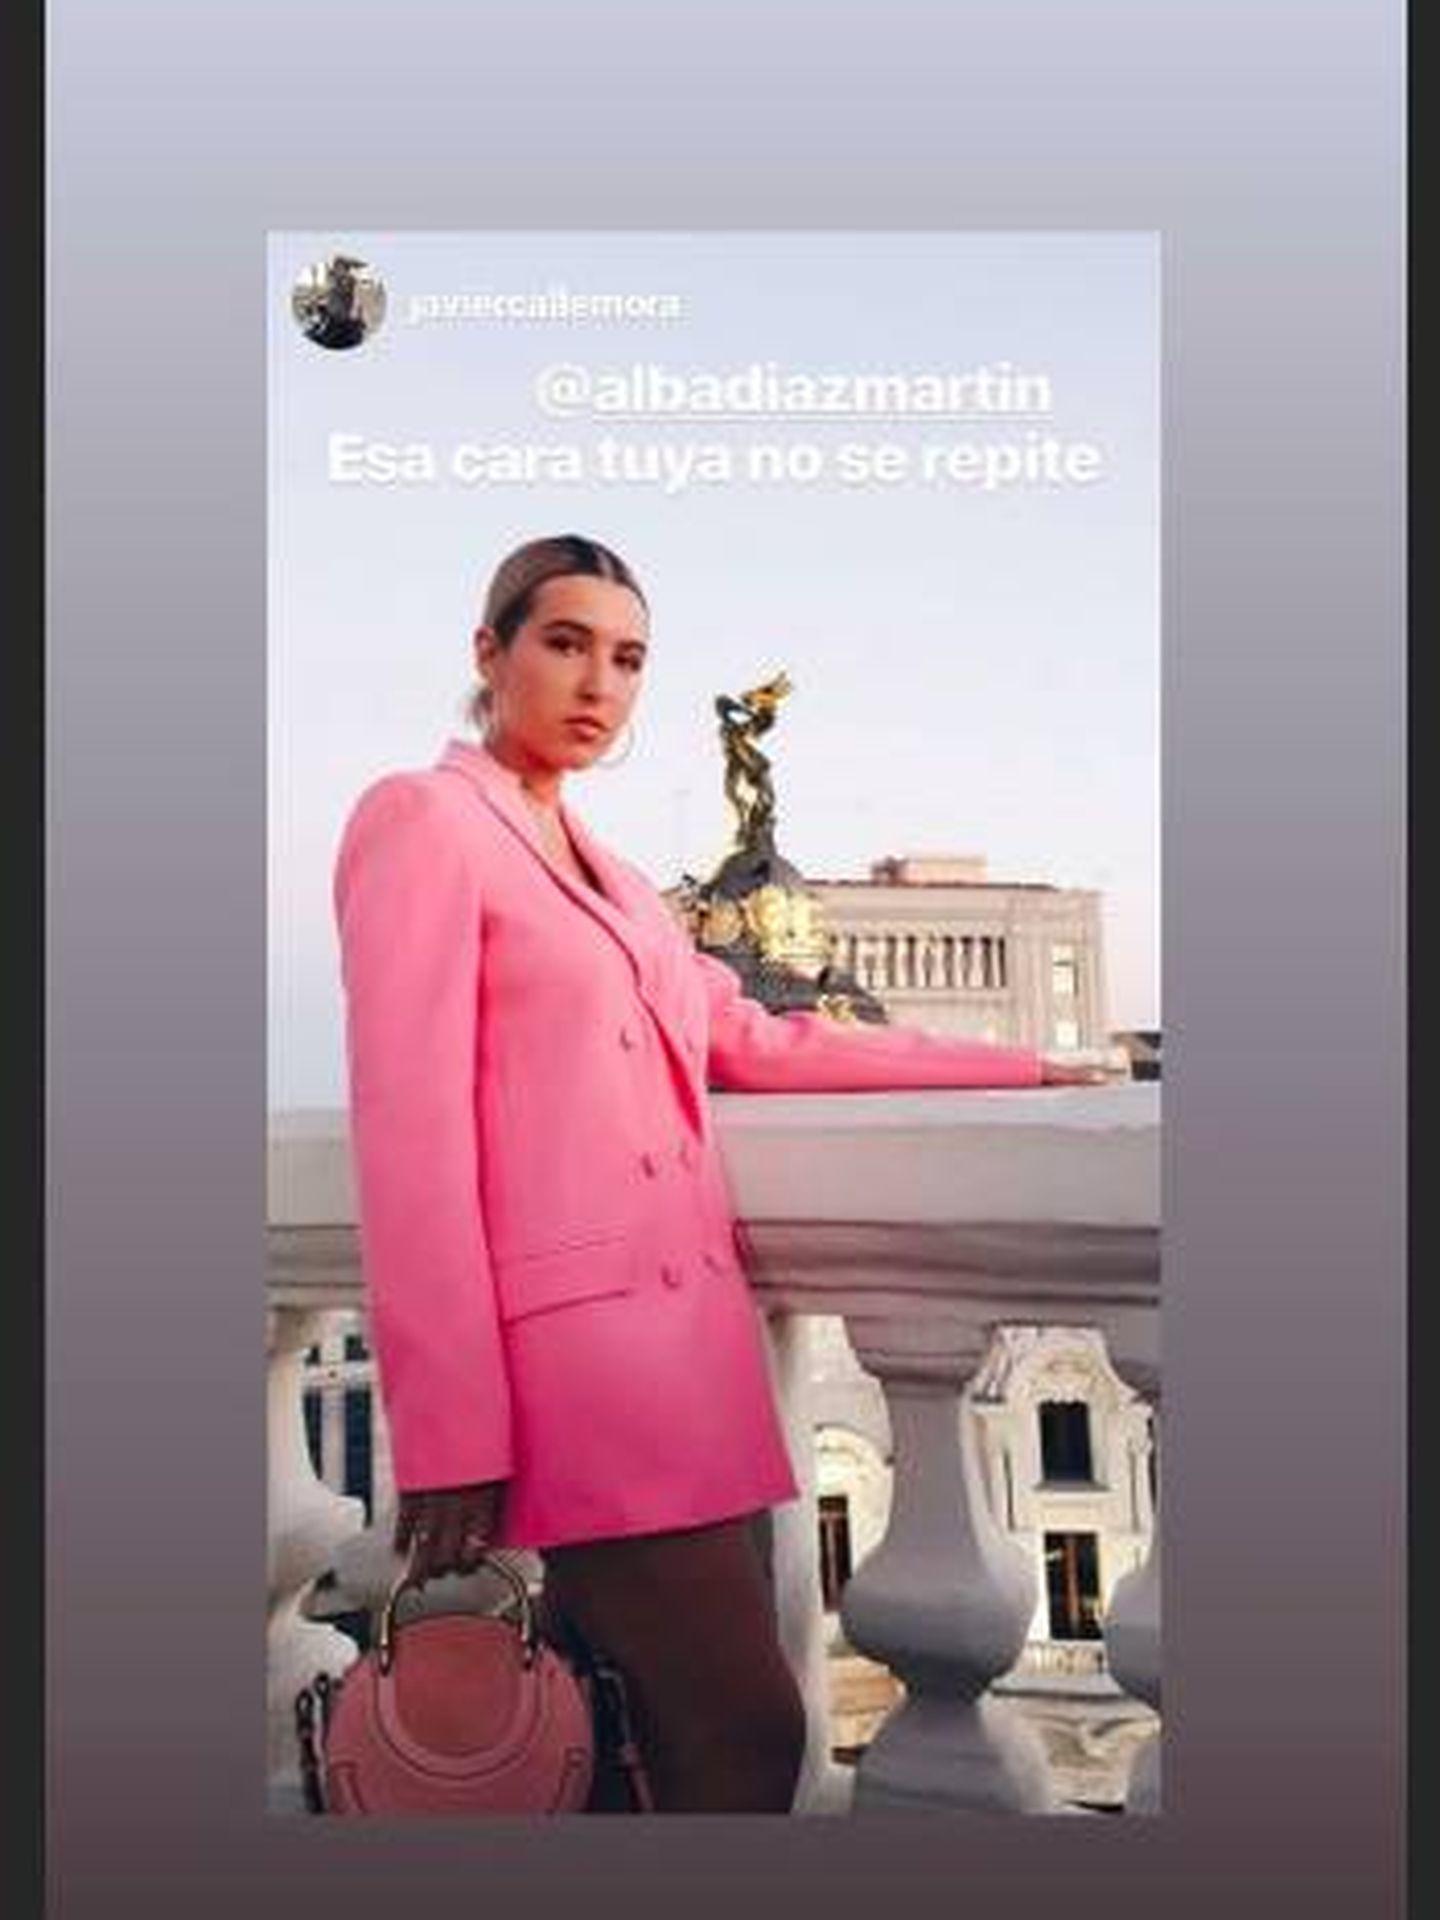 Uno de los stories que su pareja, Javier Calle, subió en plena fiesta y donde vemos el look de Alba. (Instagram)